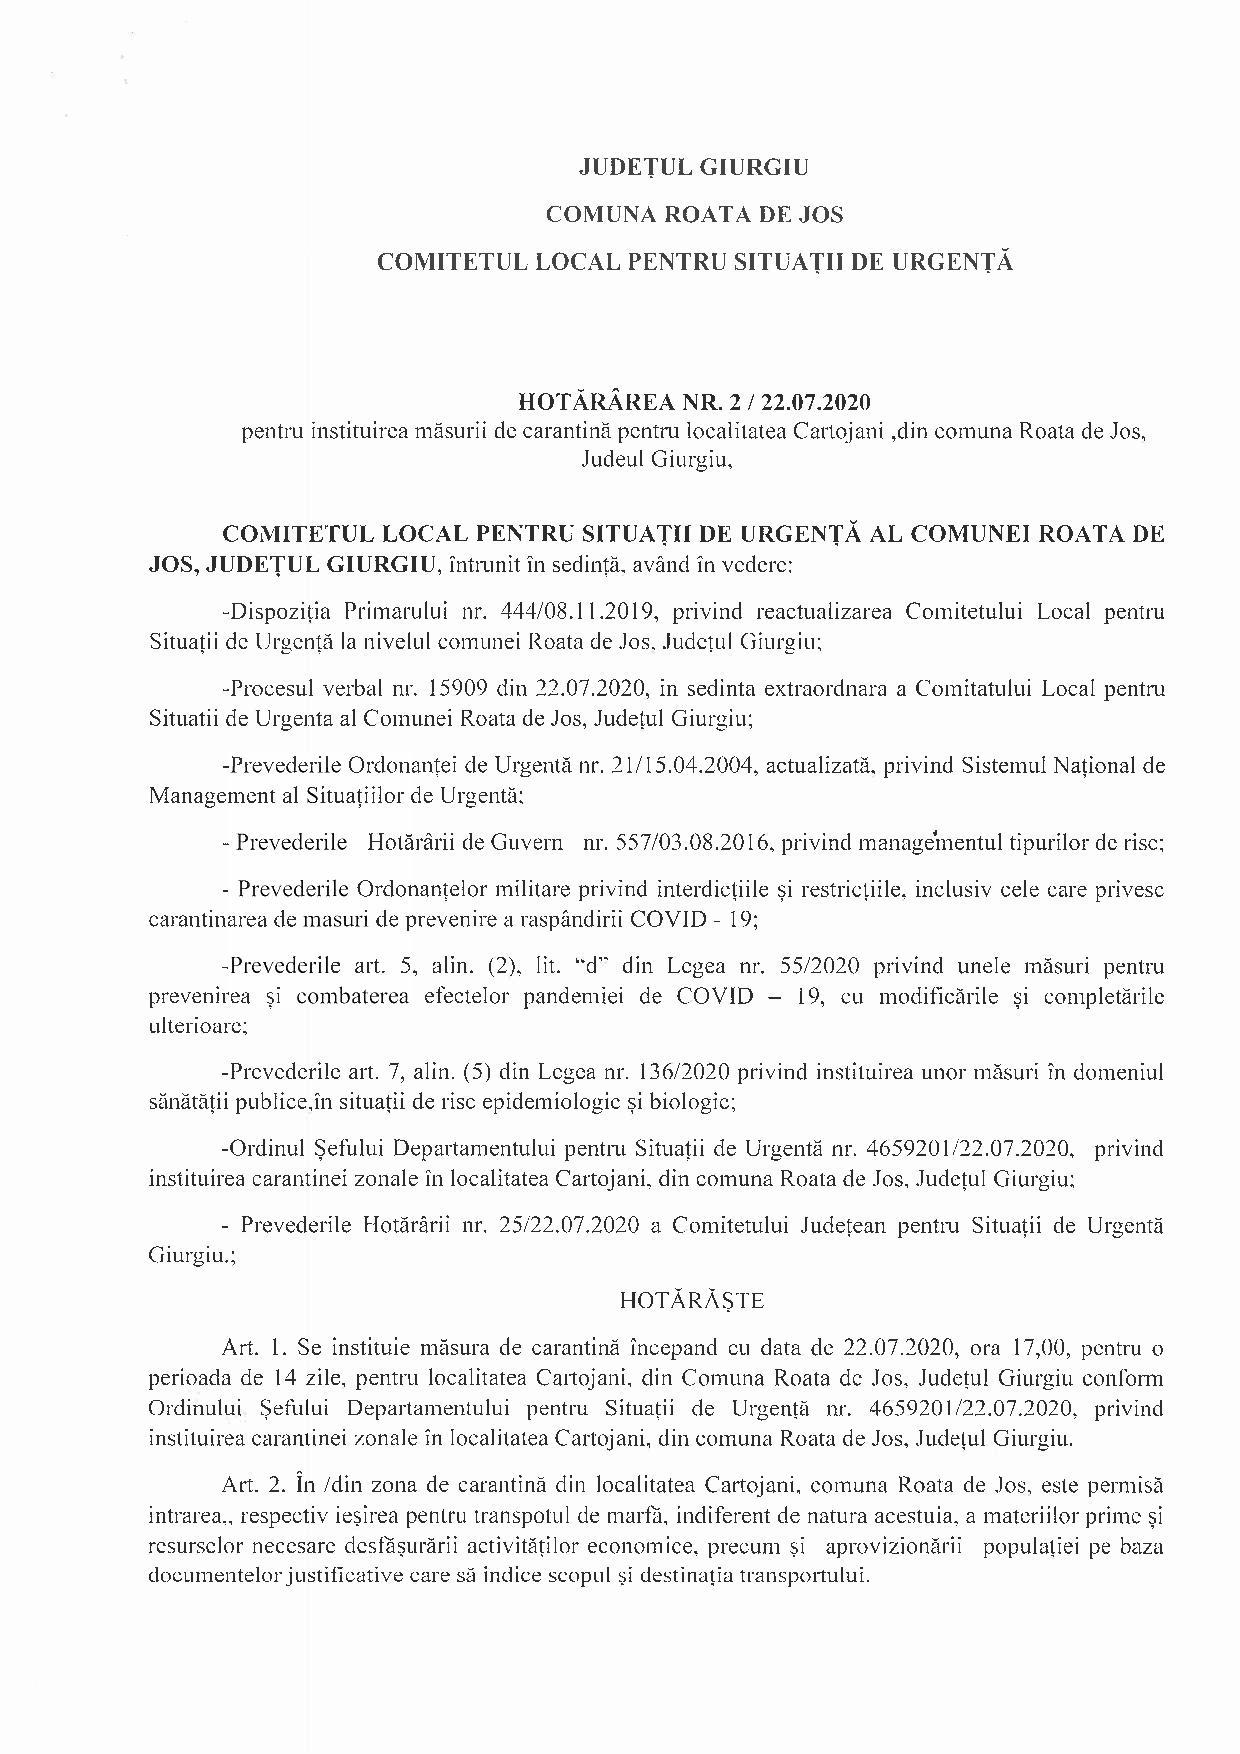 Hotărârea nr 2:22.07.2020 pentru instituirea măsurii de carantină pentru localitatea Cartojani din comuna Roata de Jos, județul Giurgiu - p1